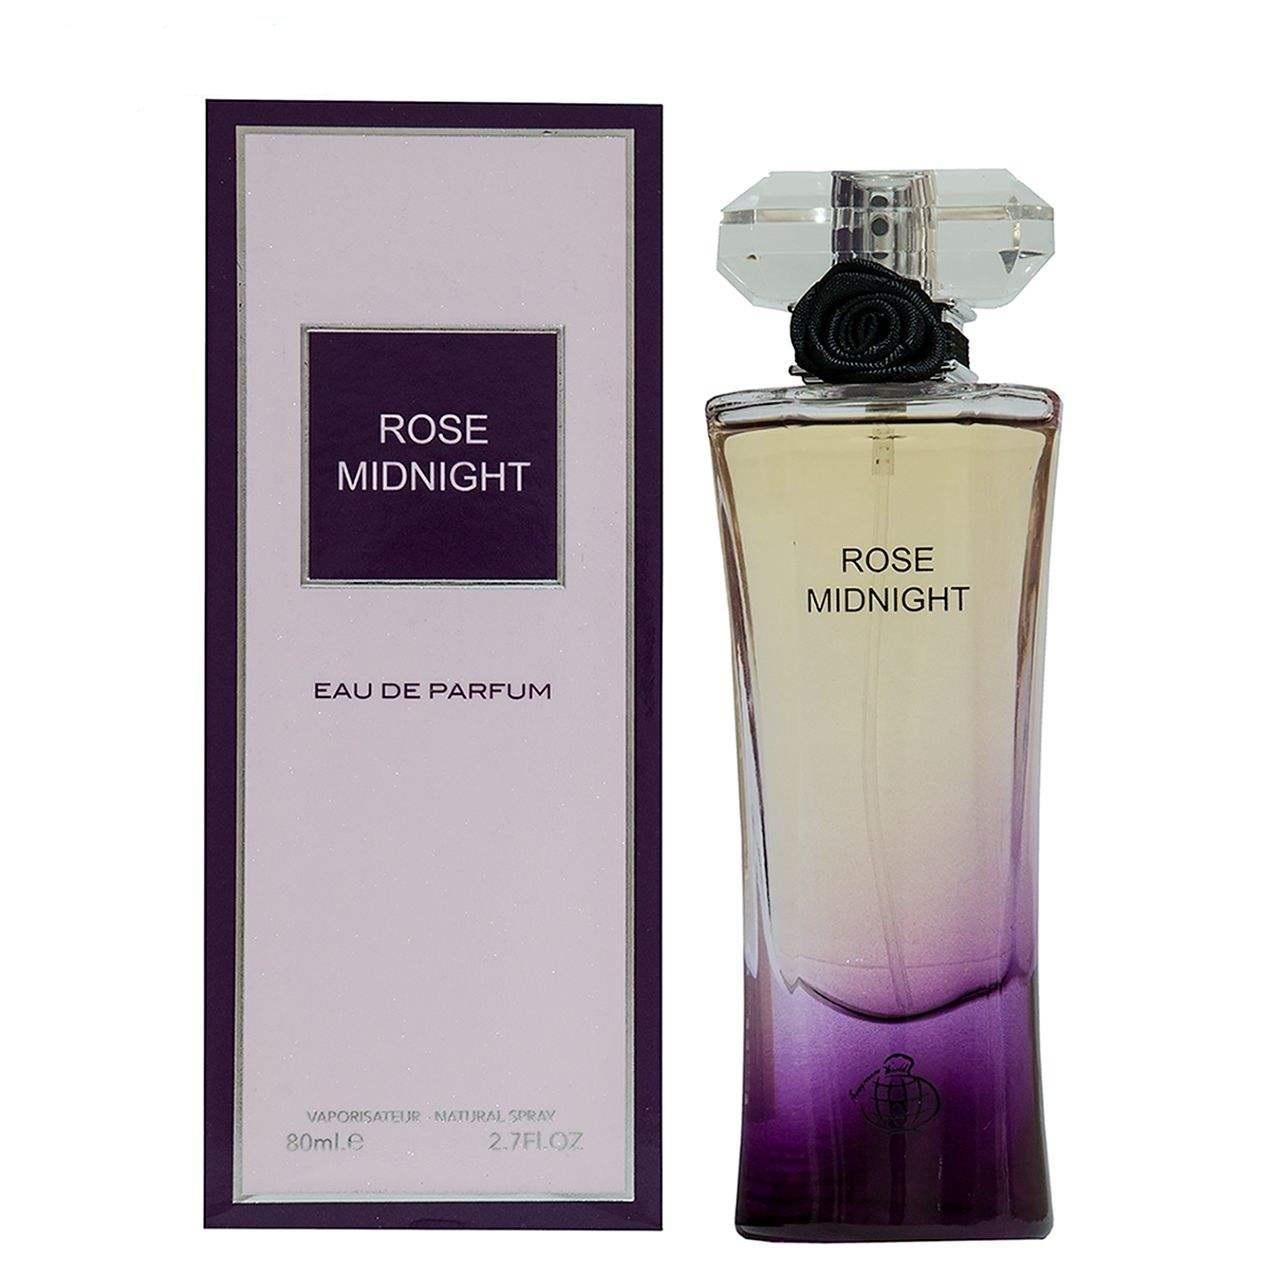 خرید اینترنتی                     ادو پرفیوم زنانه فراگرنس ورد مدل ROSE MIDNIGHT حجم 80 میلی لیتر              با قیمت مناسب